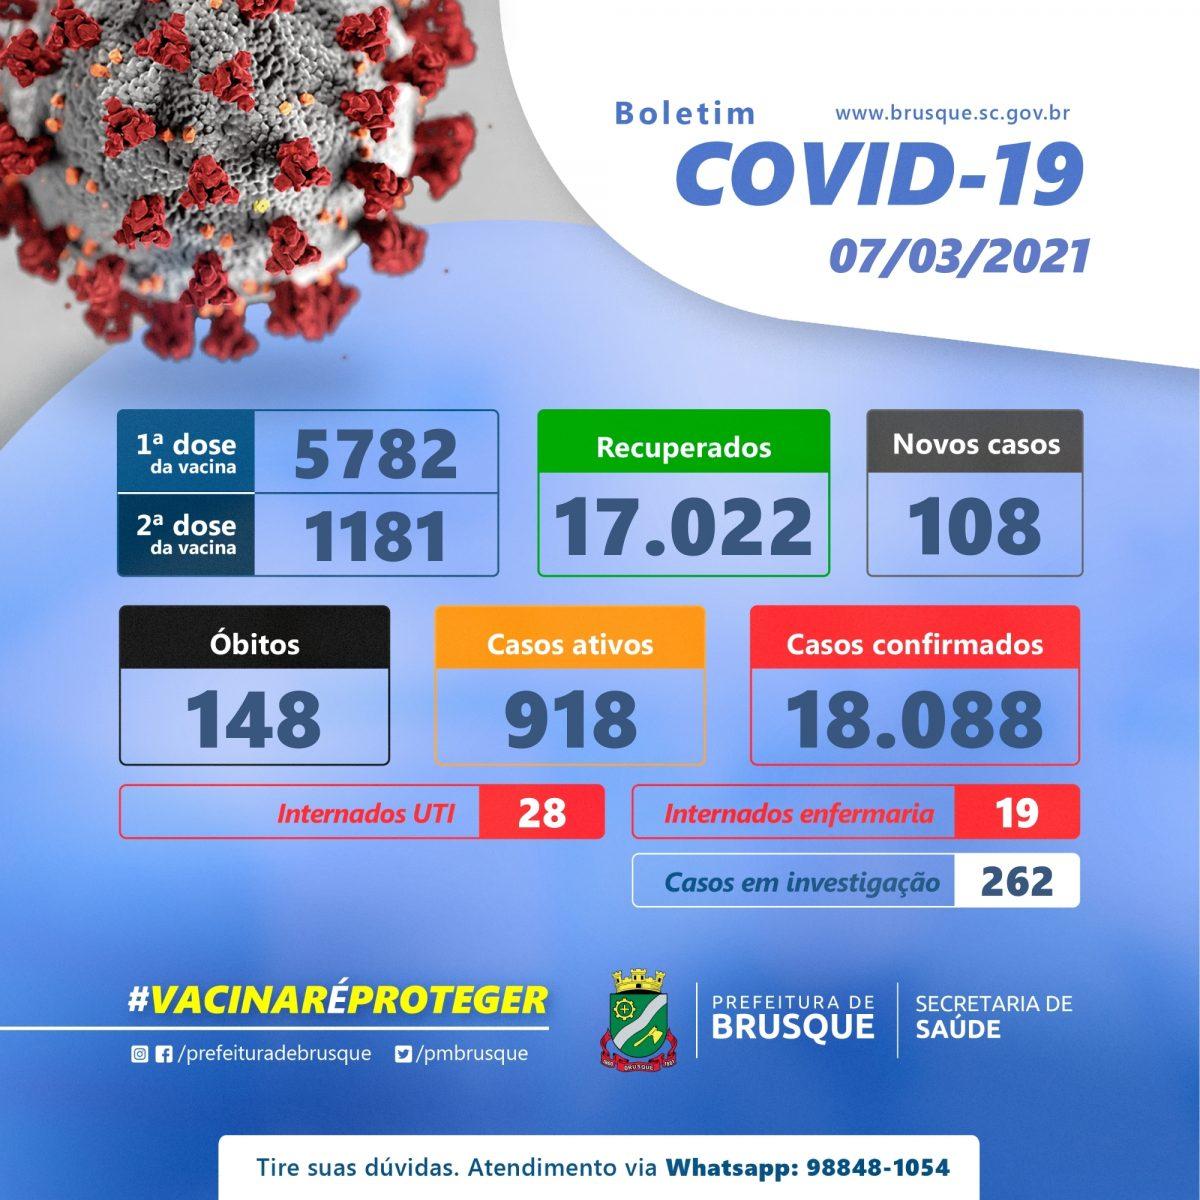 Covid-19: Confira o boletim epidemiológico deste domingo (07)